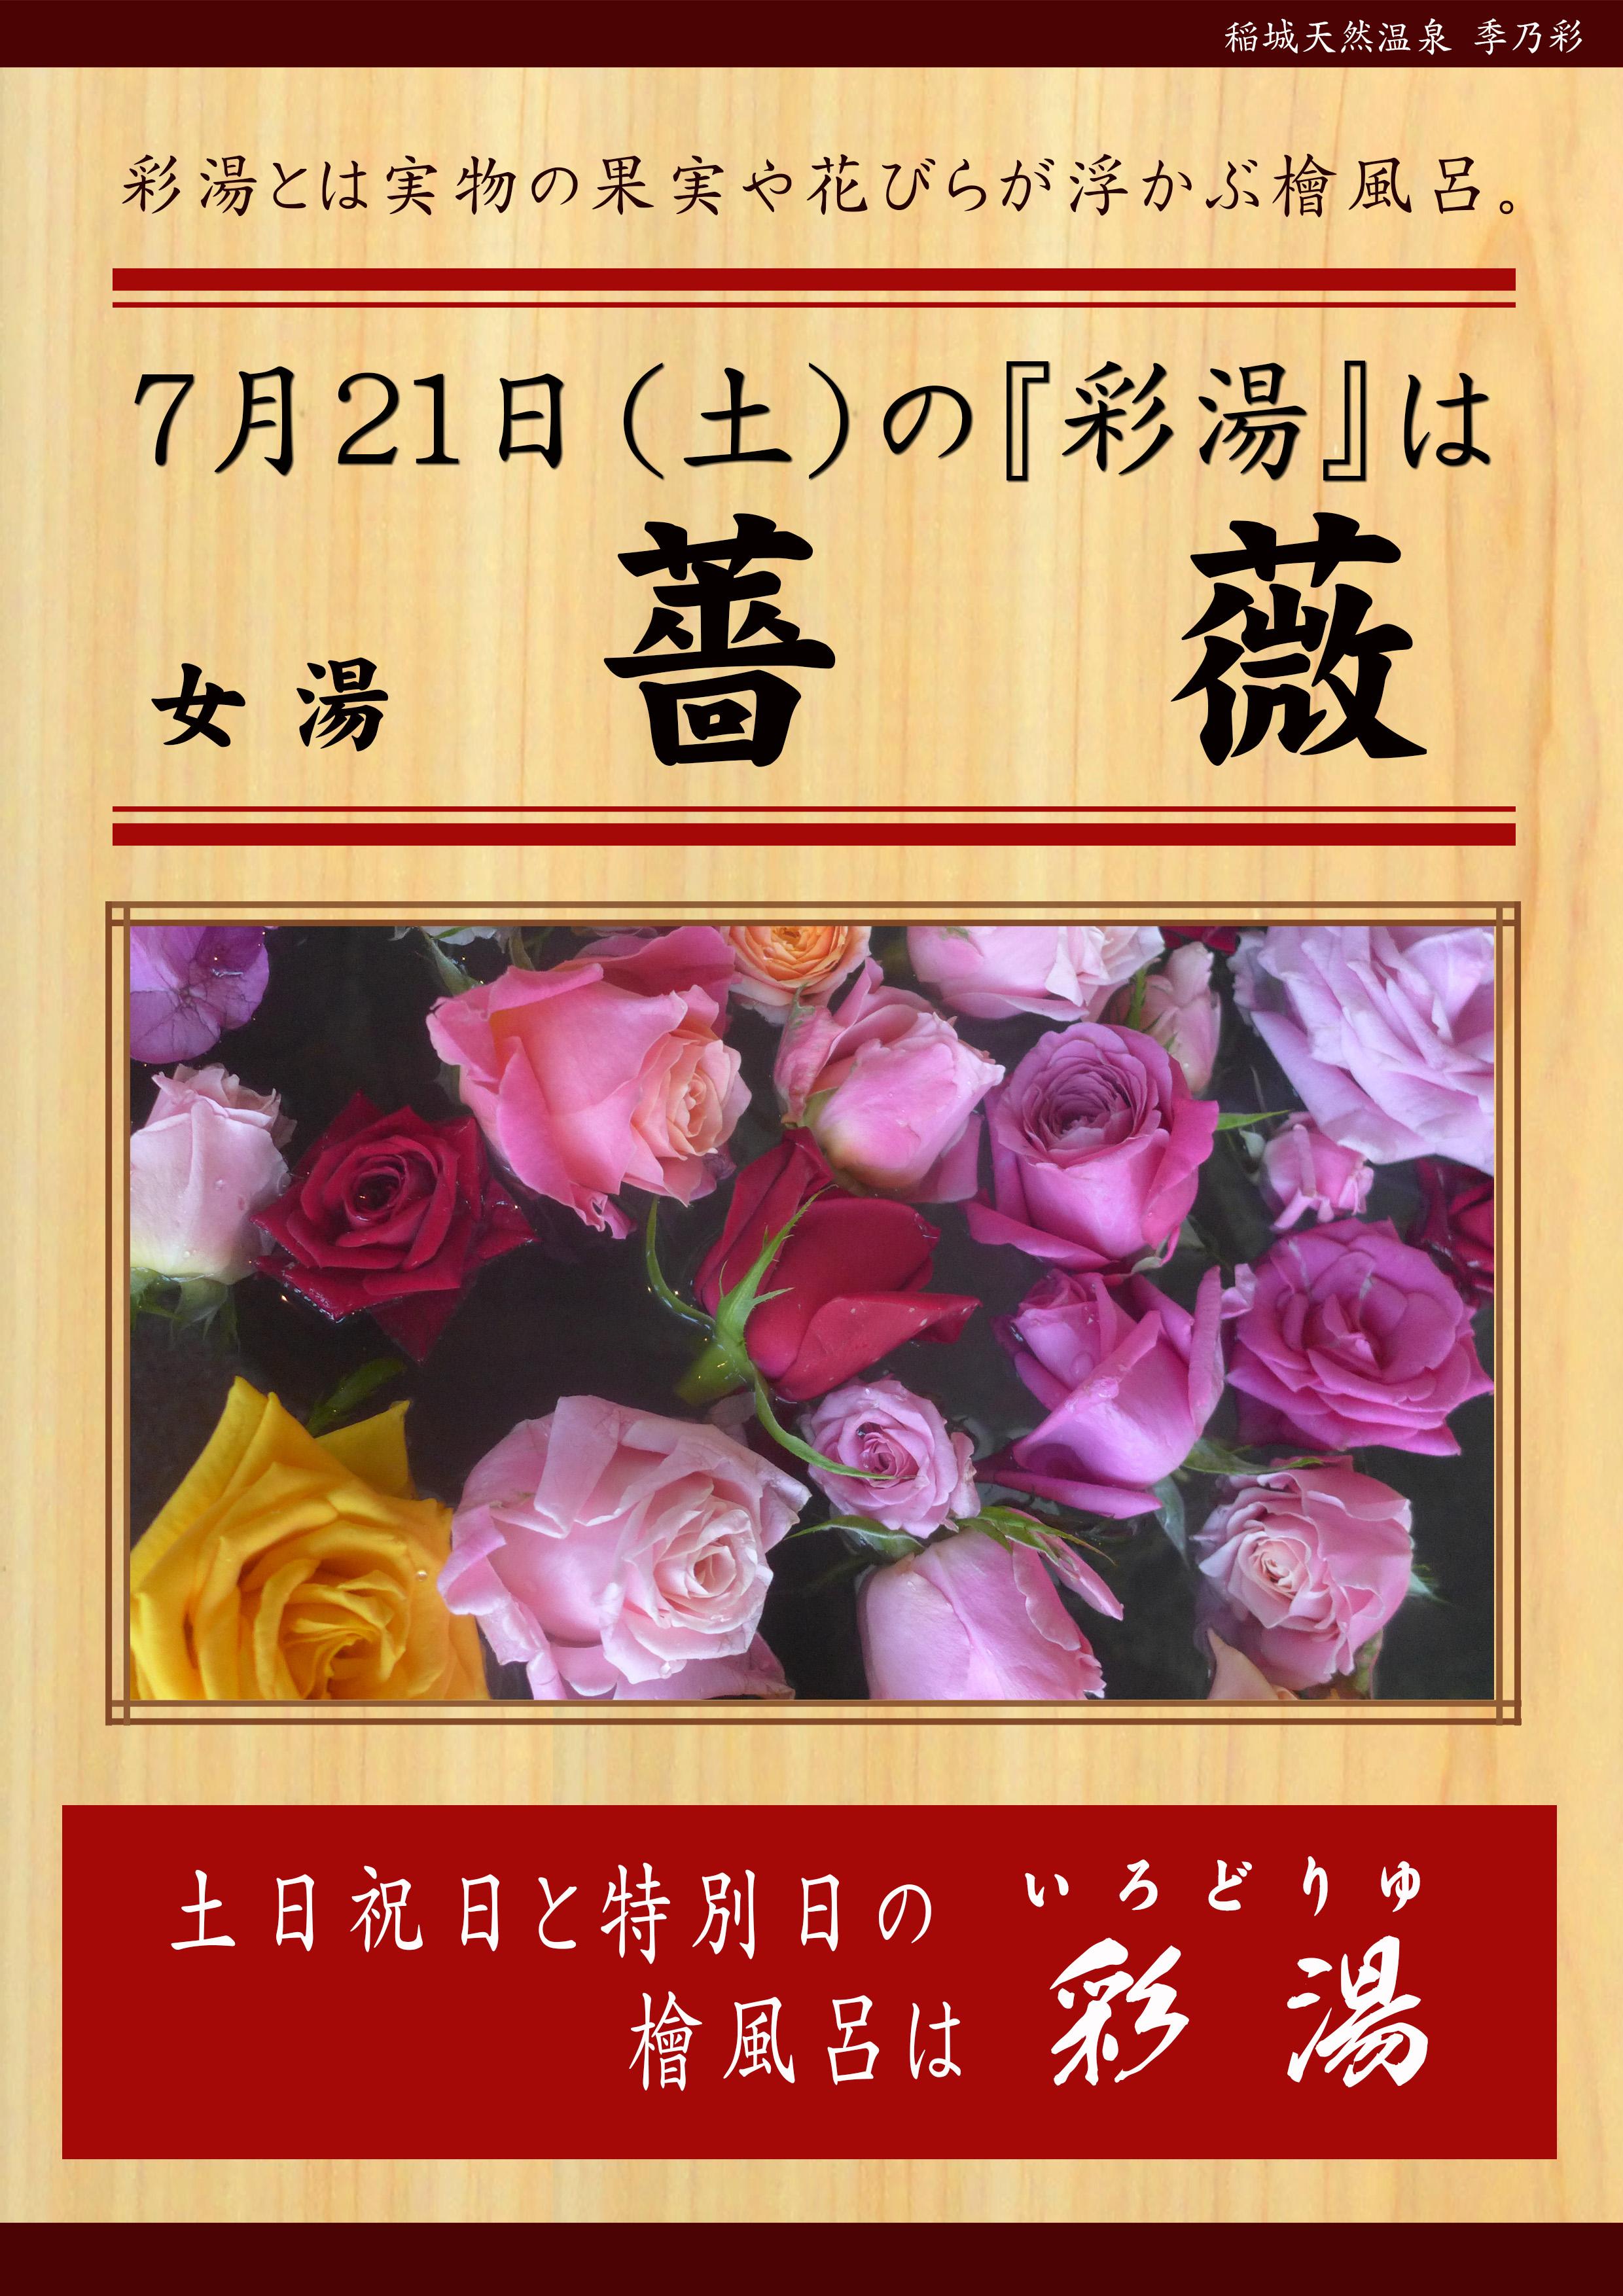 20180721POP イベント 彩湯 女湯 薔薇